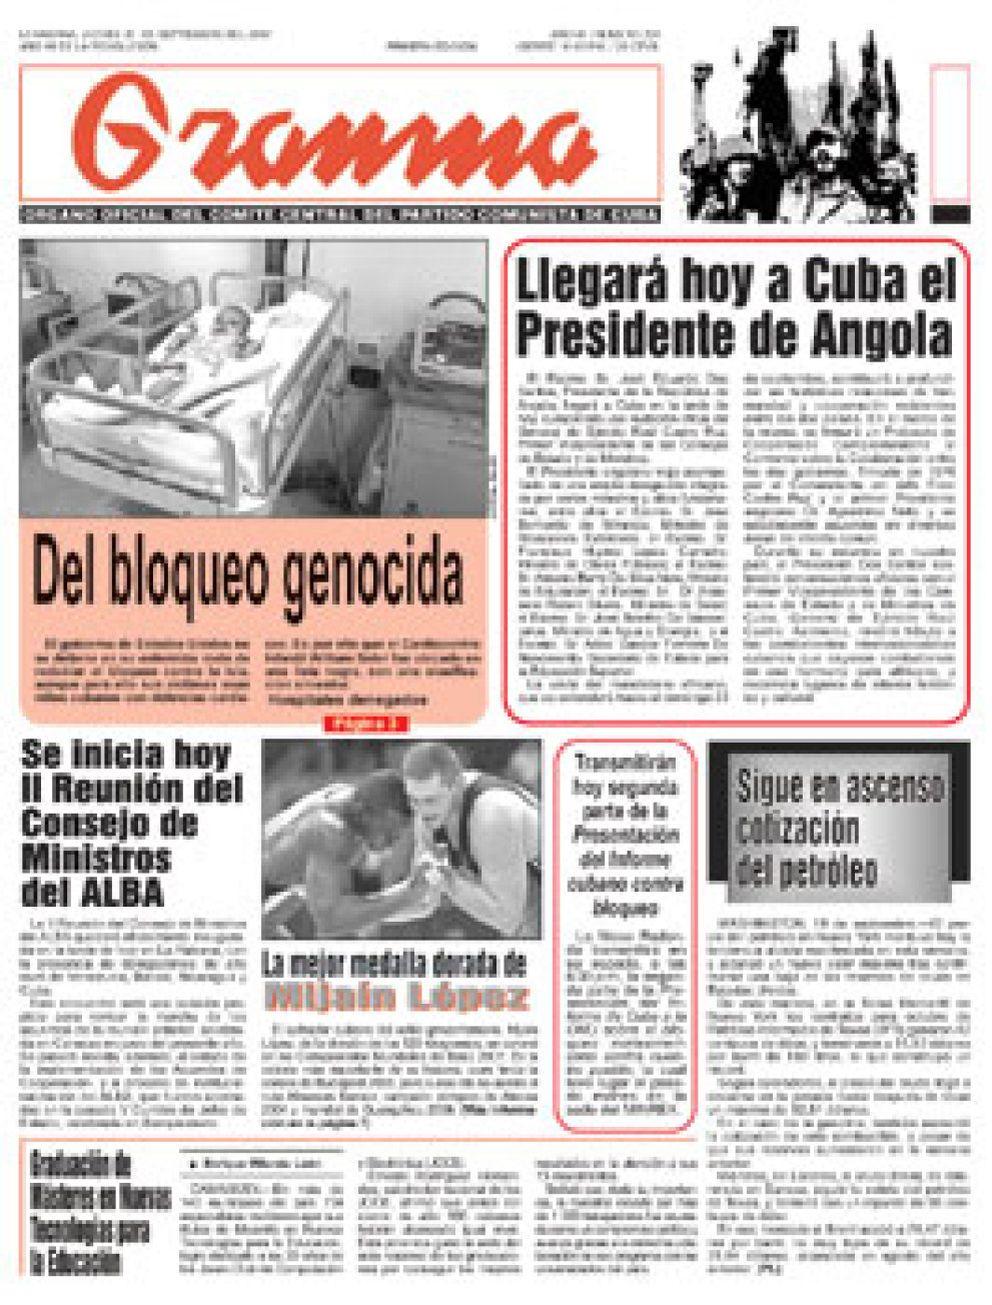 Foto: Una publicación comunista italiana regalará el diario cubano 'Granma'